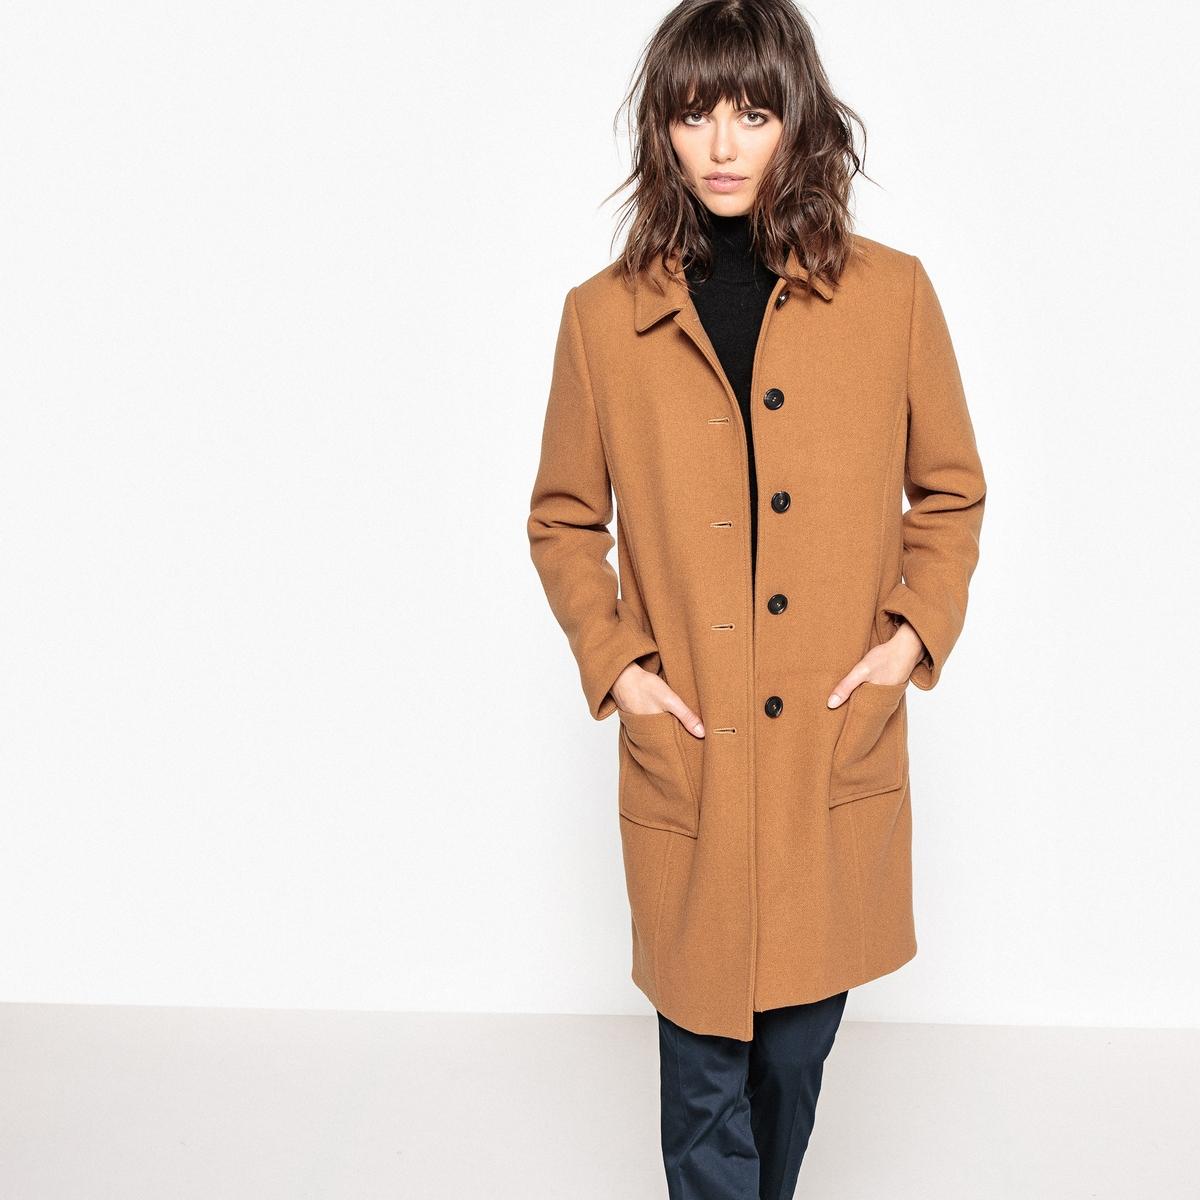 Пальто прямого покроя из шерстяного драпаОписание:Стильное пальто средней длины. Это элегантное пальто из шерстяного драпа отлично защитит вас от холода этой зимойДетали •  Длина : средняя •  Воротник-поло, рубашечный • Застежка на пуговицыСостав и уход •  55% шерсти, 4% акрила, 3% полиамида, 38% полиэстера • Не стирать •  Деликатная чистка/без отбеливателей •  Не использовать барабанную сушку   •  Низкая температура глажки •  Длина : 91 см<br><br>Цвет: темно-бежевый,темно-синий<br>Размер: 40 (FR) - 46 (RUS).48 (FR) - 54 (RUS).34 (FR) - 40 (RUS).44 (FR) - 50 (RUS)